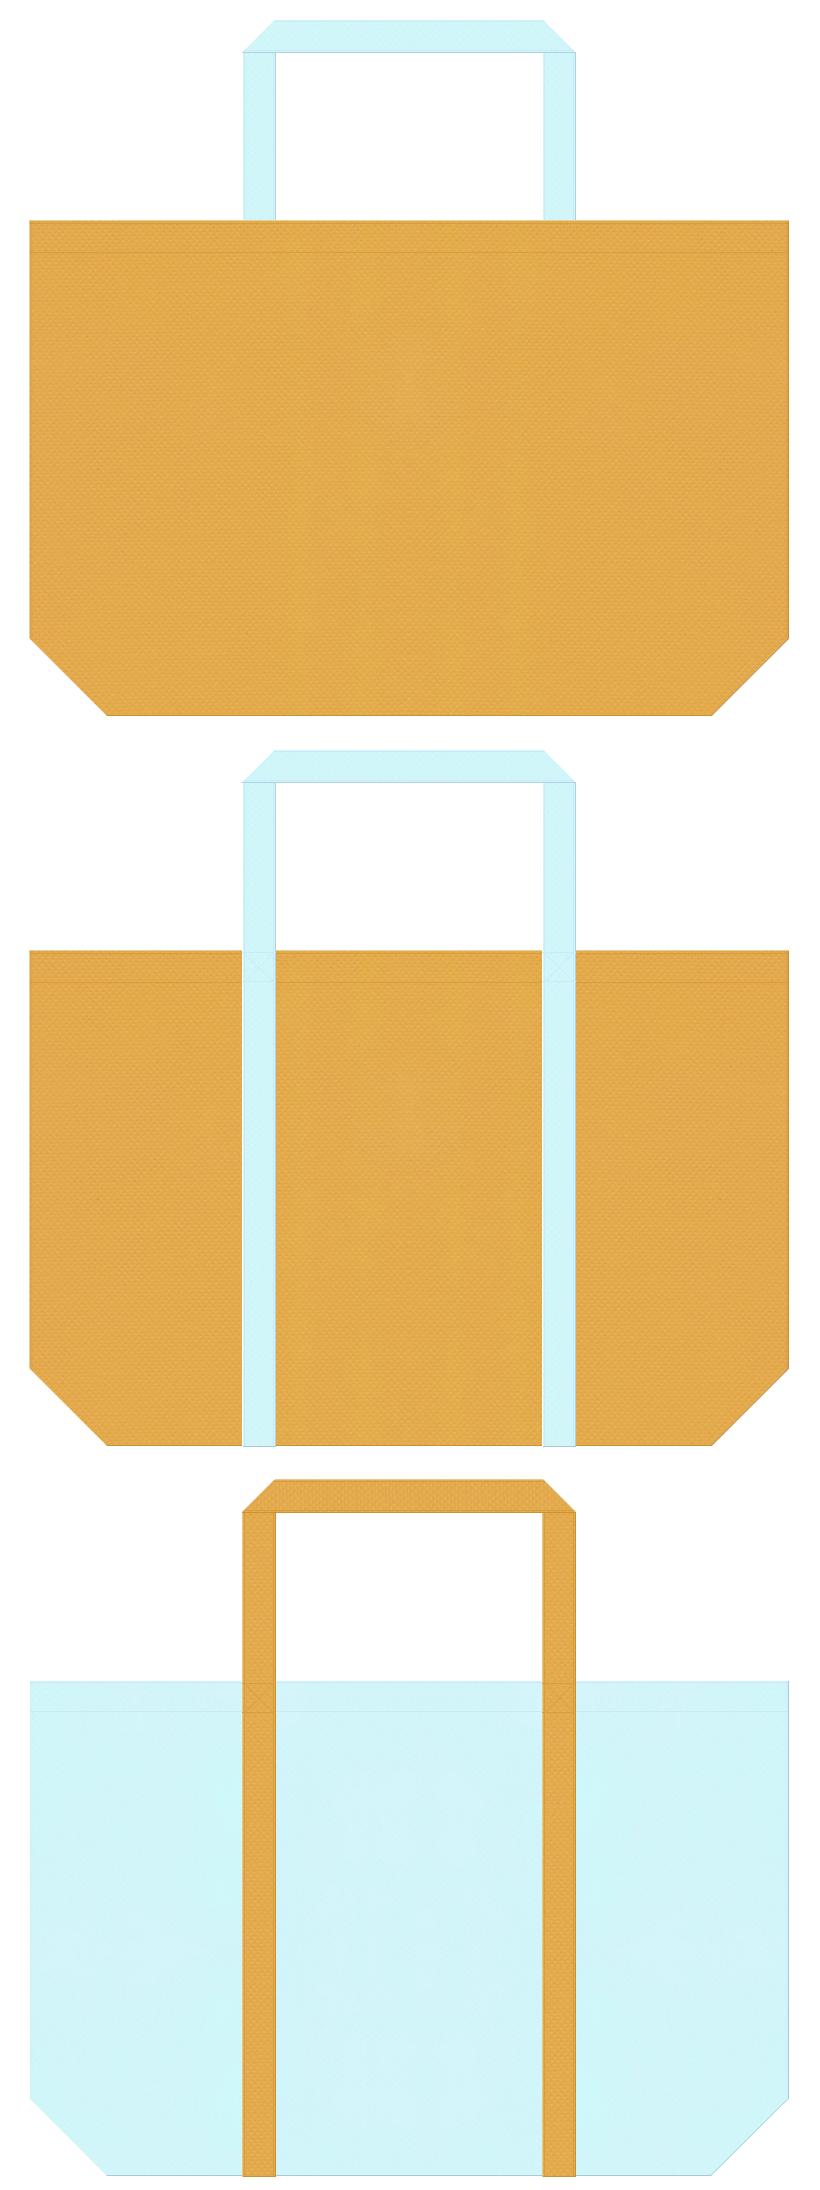 黄土色と水色の不織布ショッピングバッグデザイン。